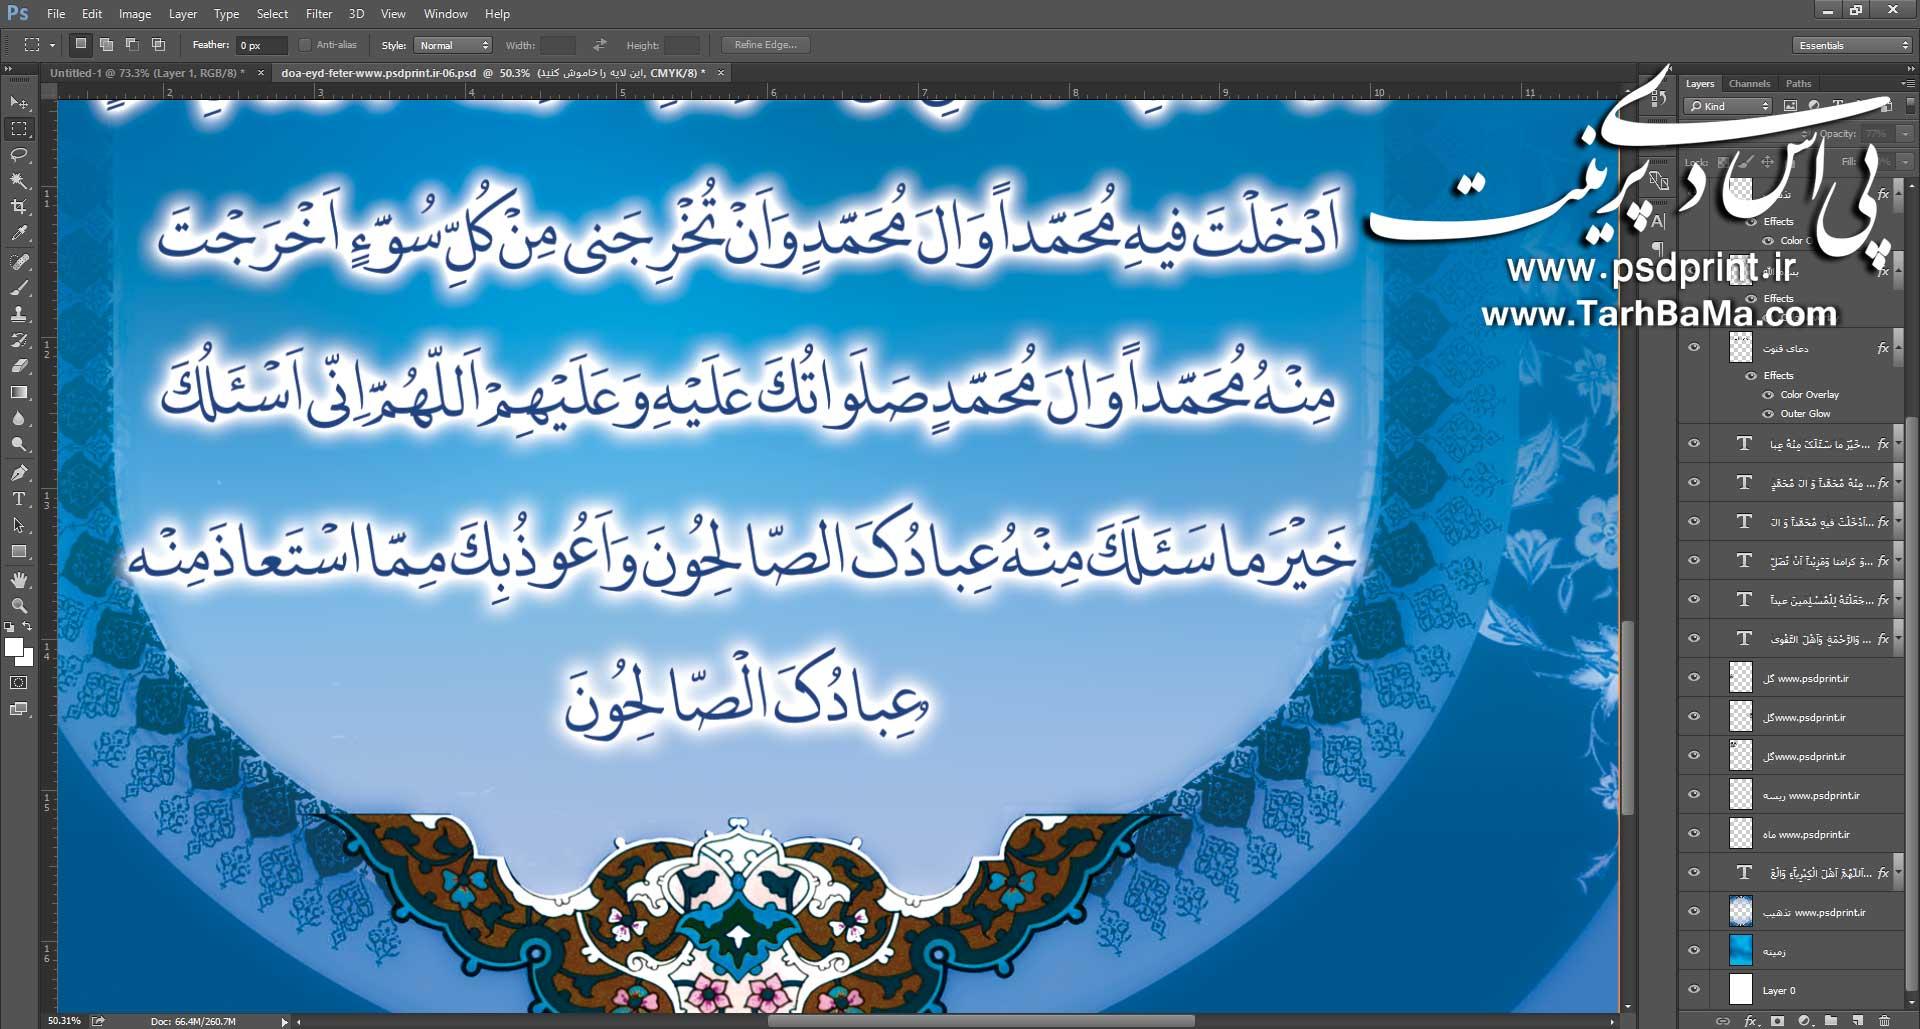 بنر+لایه باز+قنوت+نماز+عید+فطر